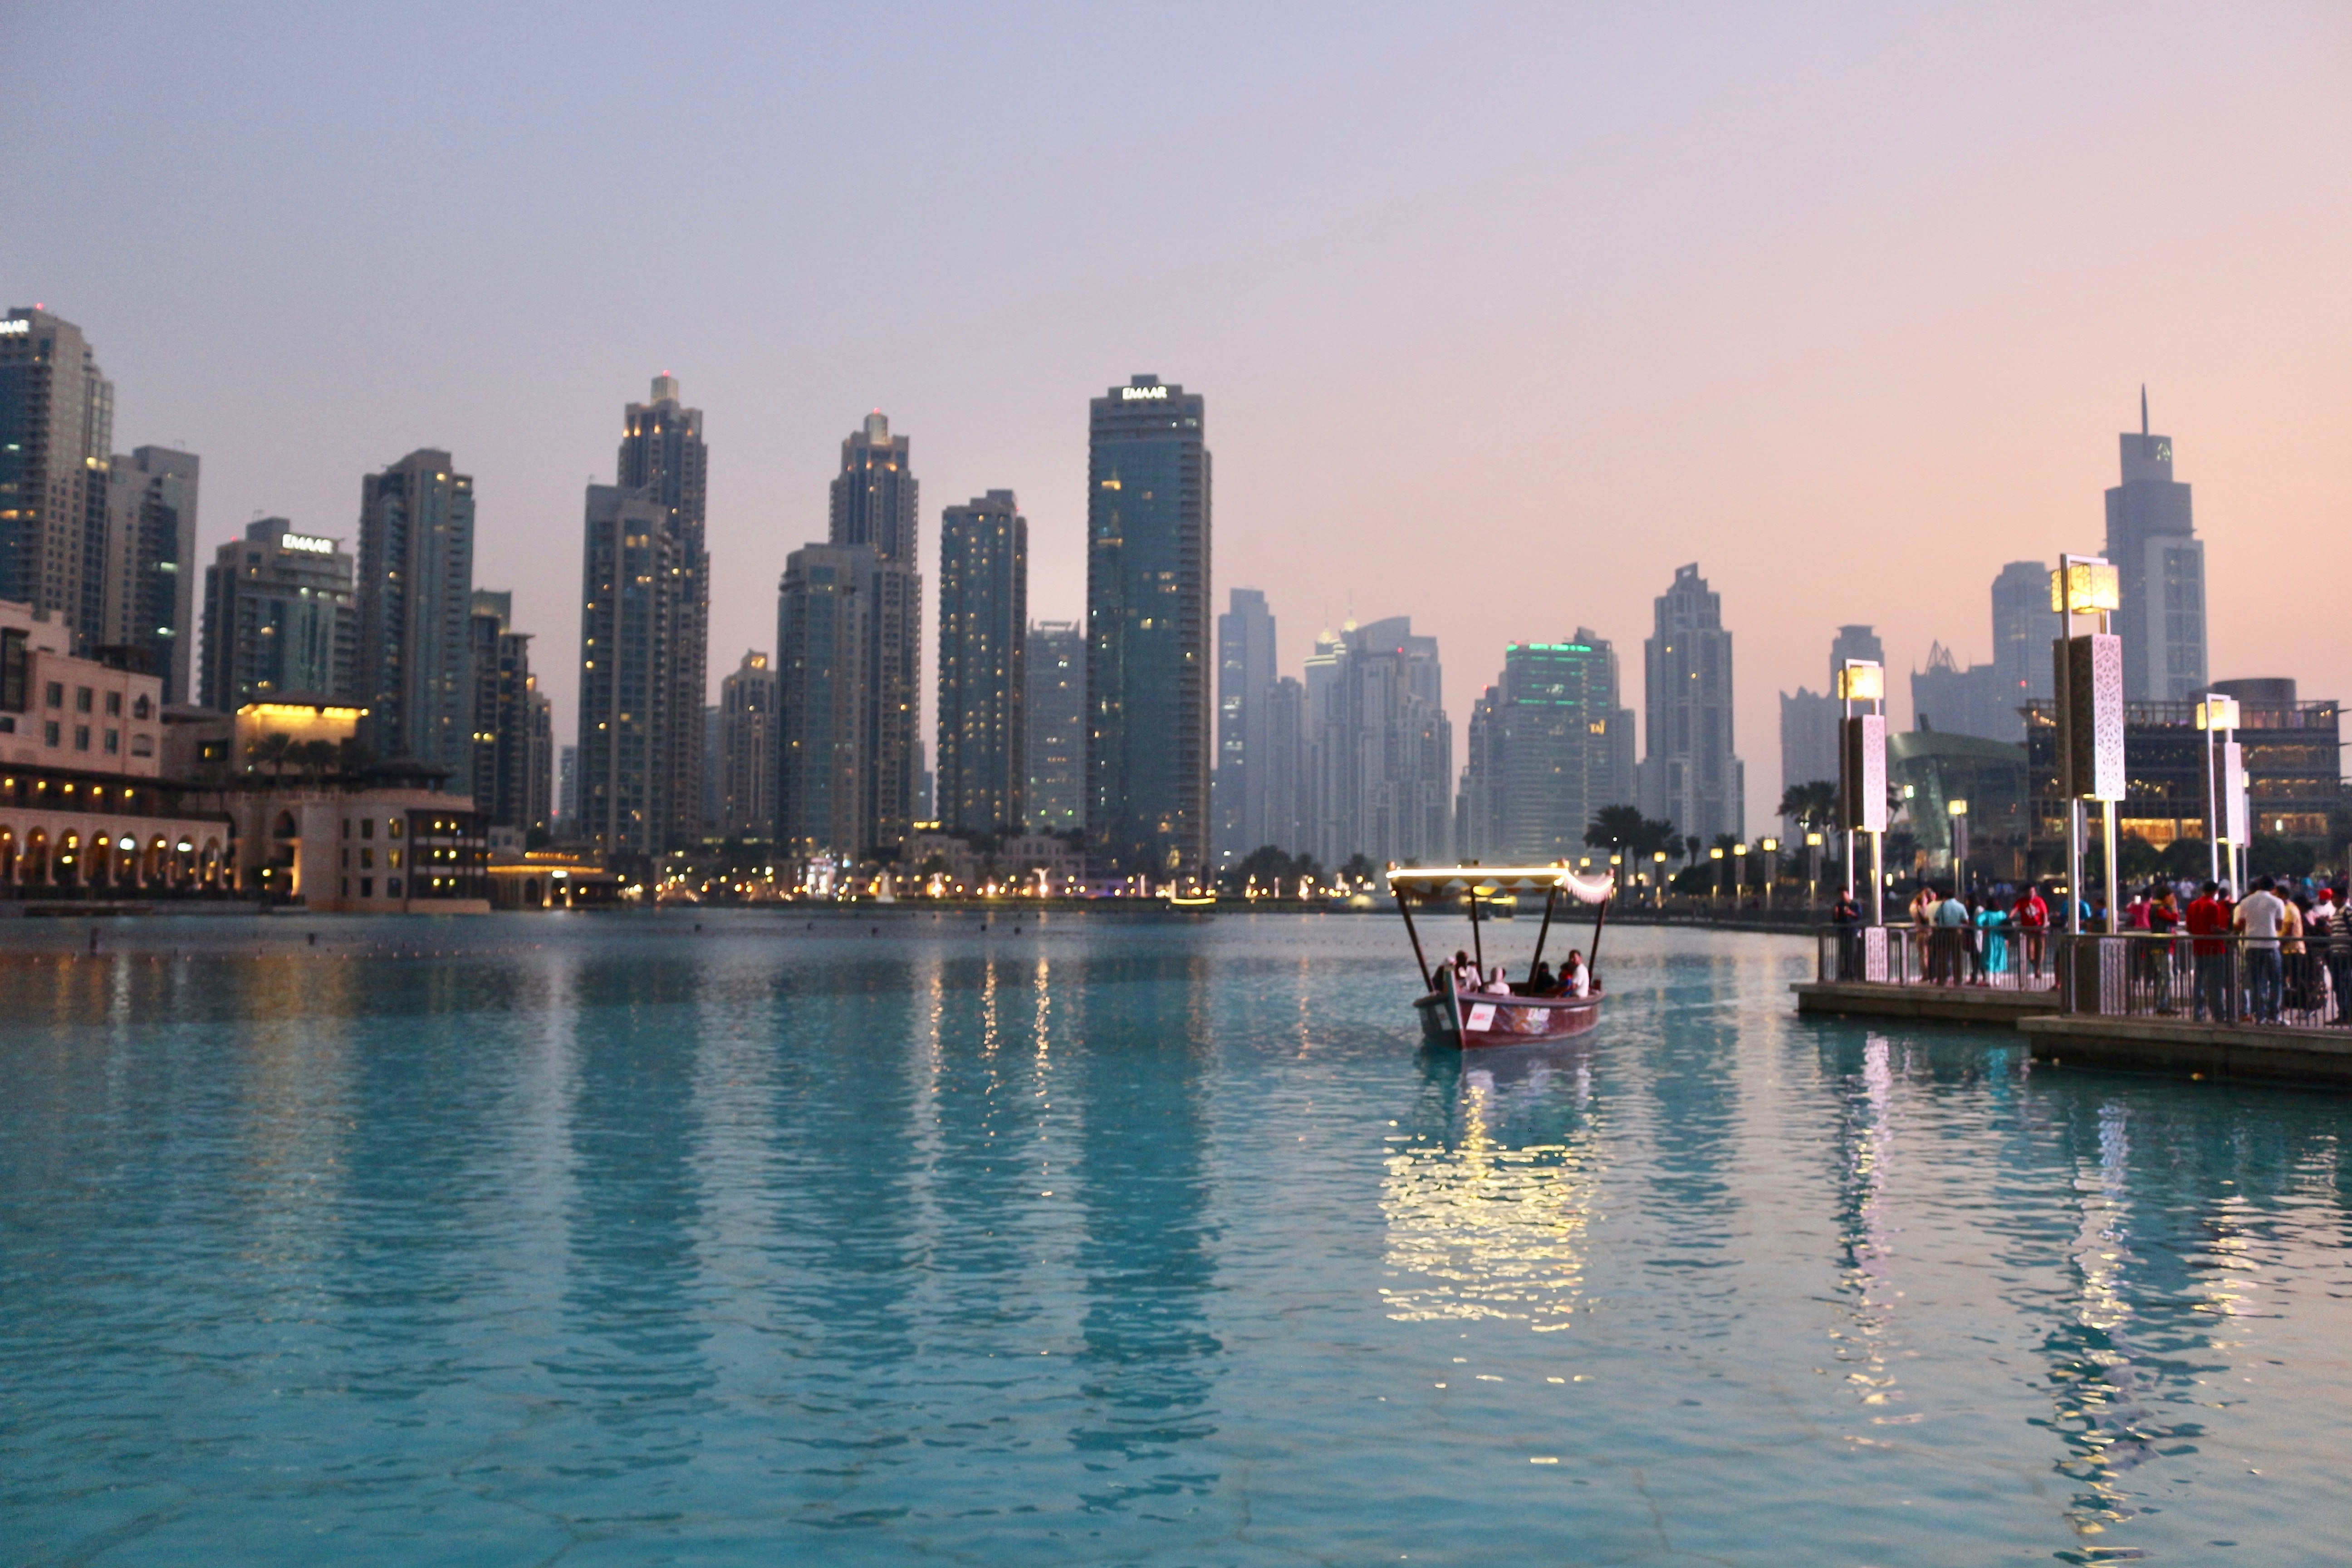 Cruising in Dubai